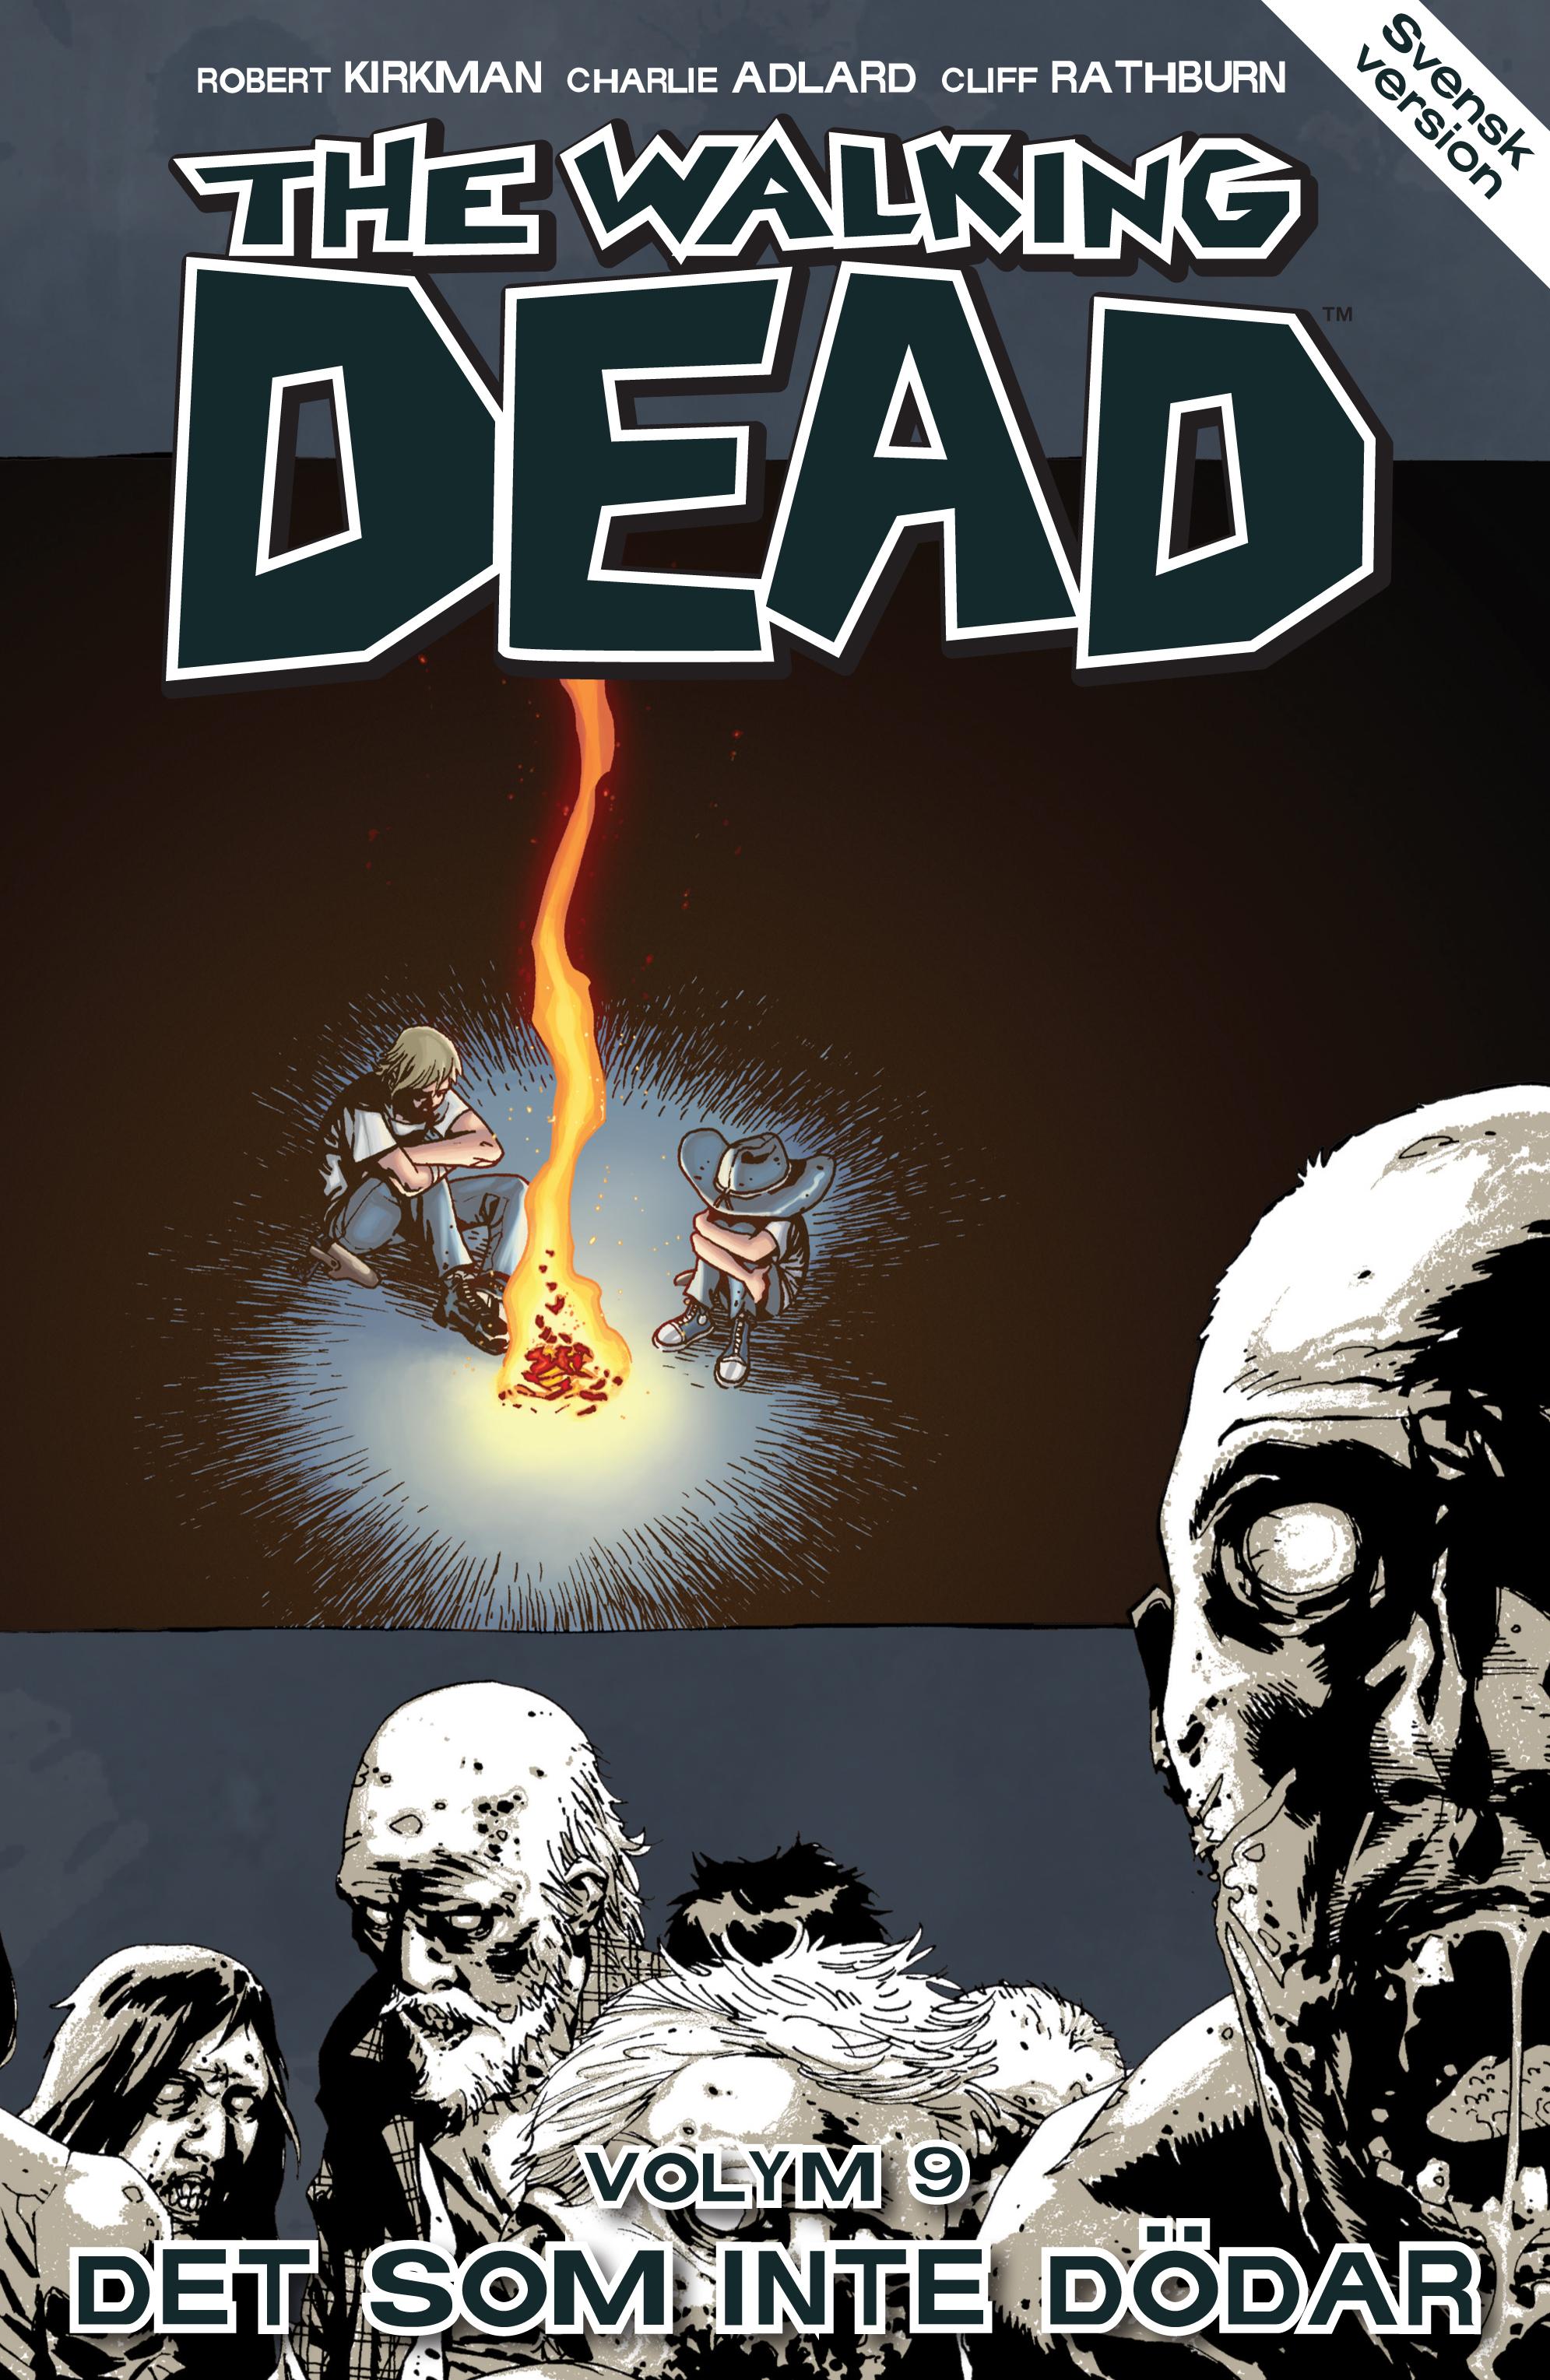 The Walking Dead volym 9. Det som inte dödar av Robert Kirkman